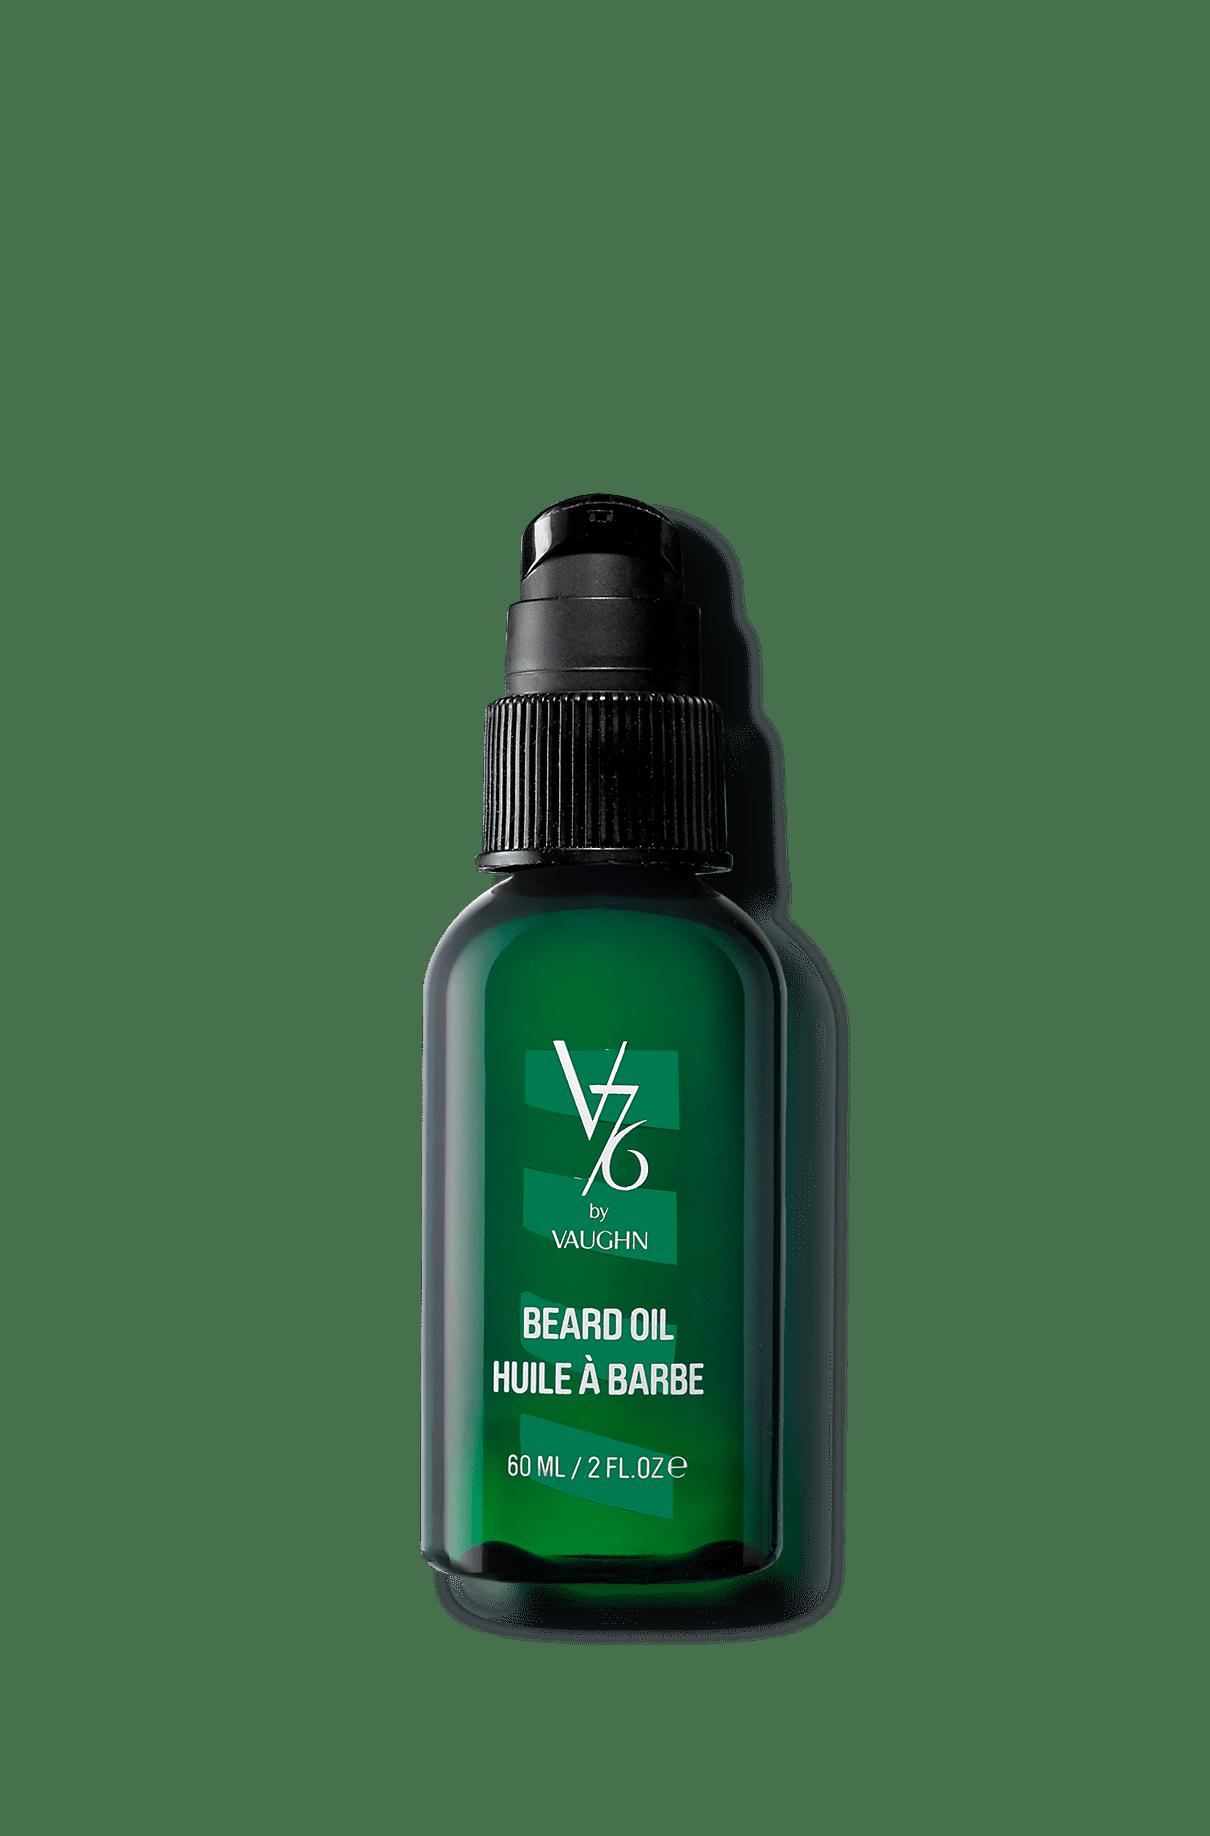 vaughn-beard-oil